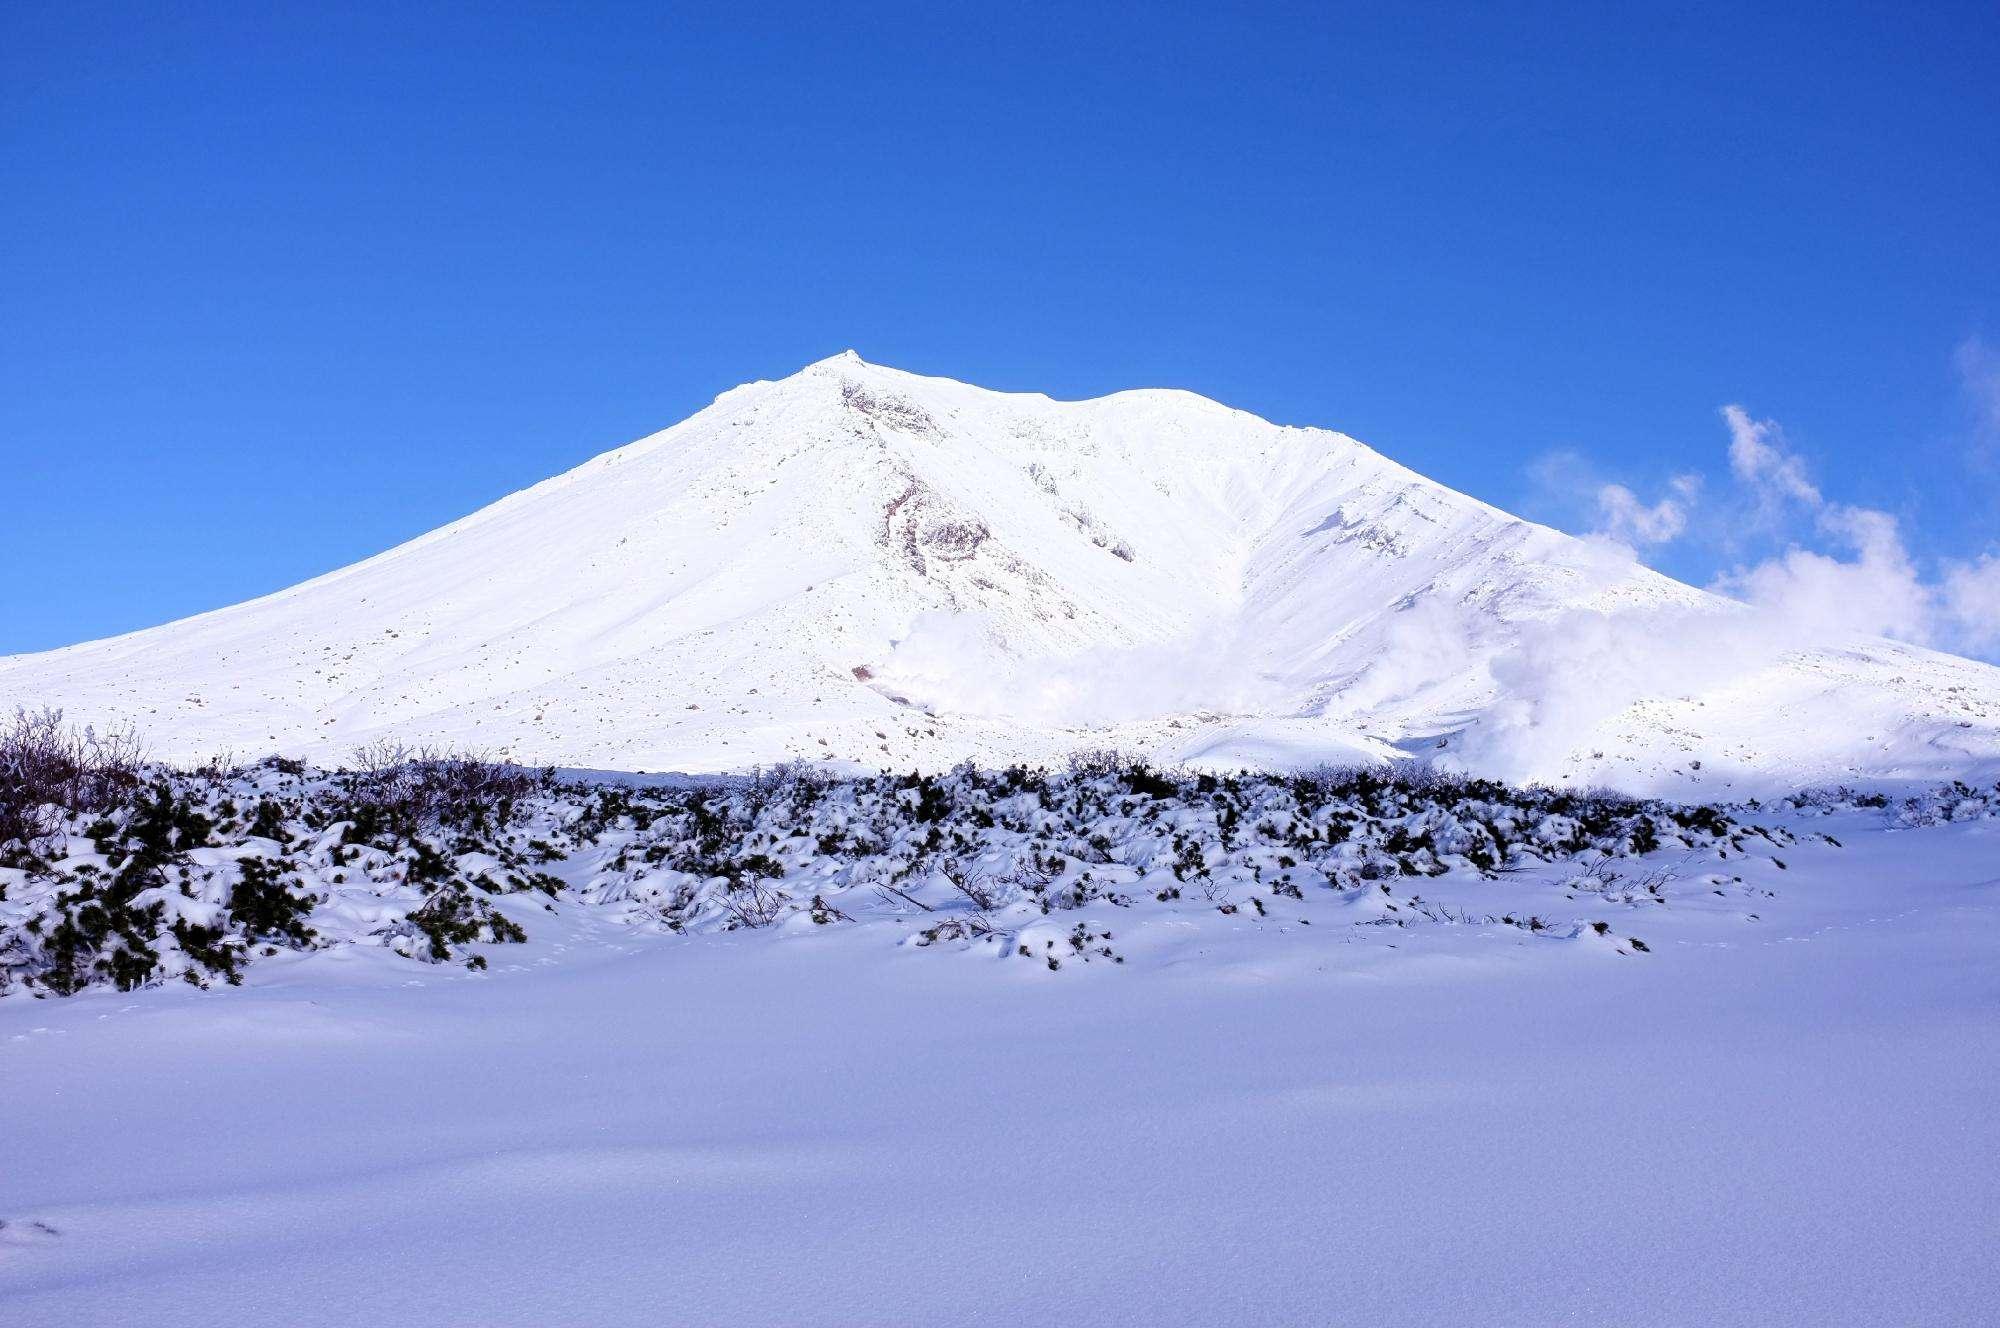 「釧路濕原國立公園」的圖片搜尋結果